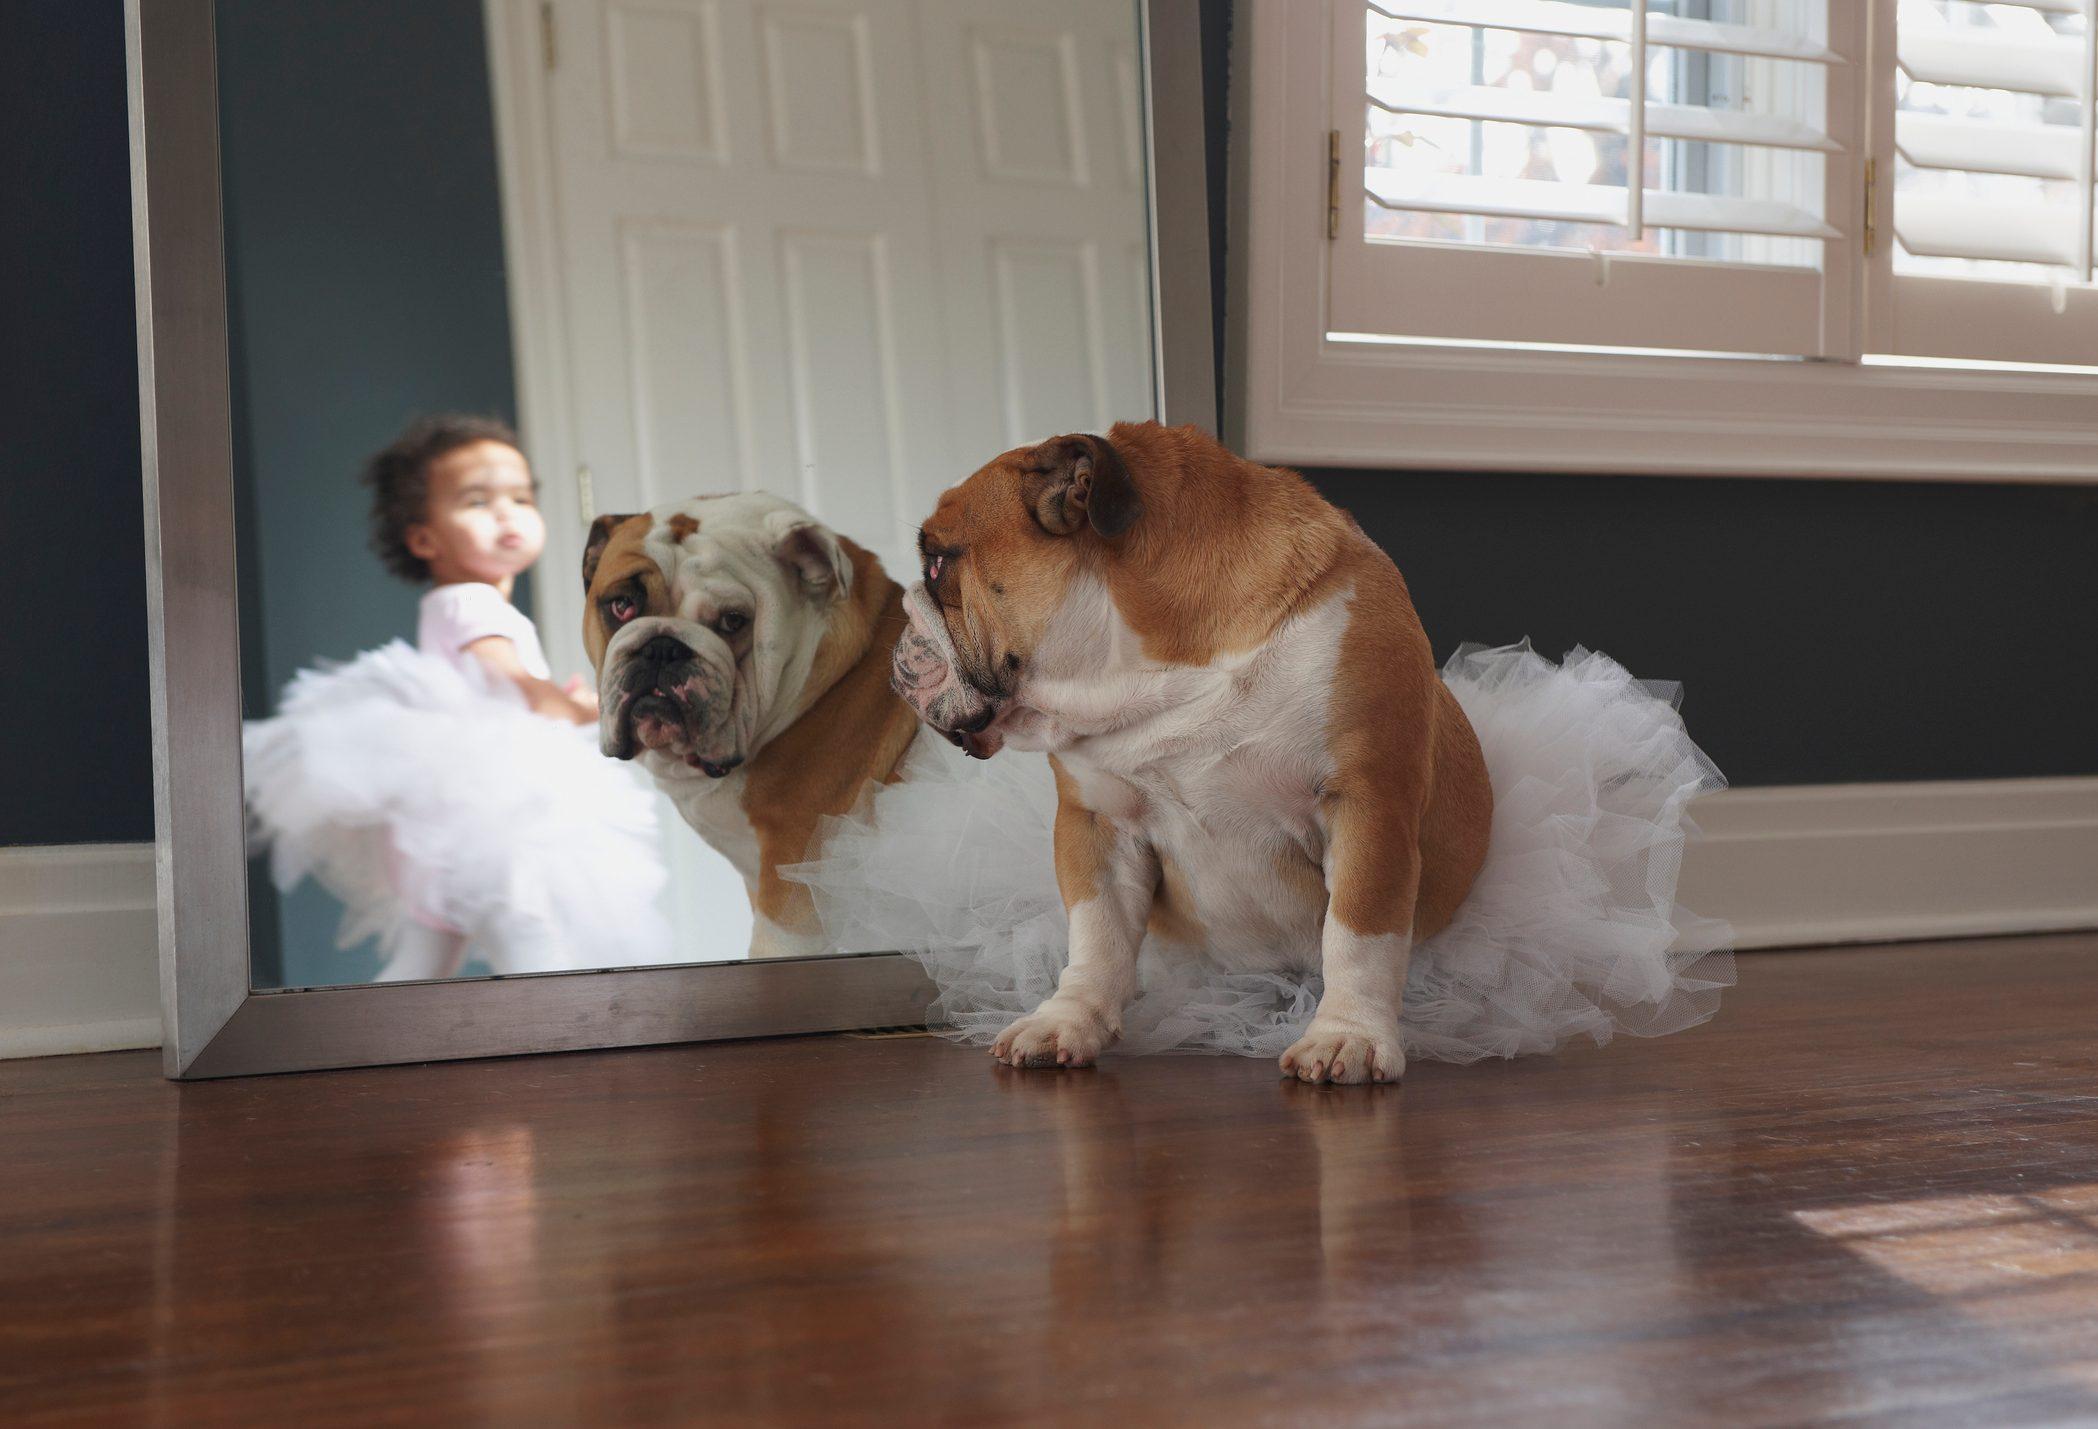 Bulldog Wearing Tutu, Looking In Mirror